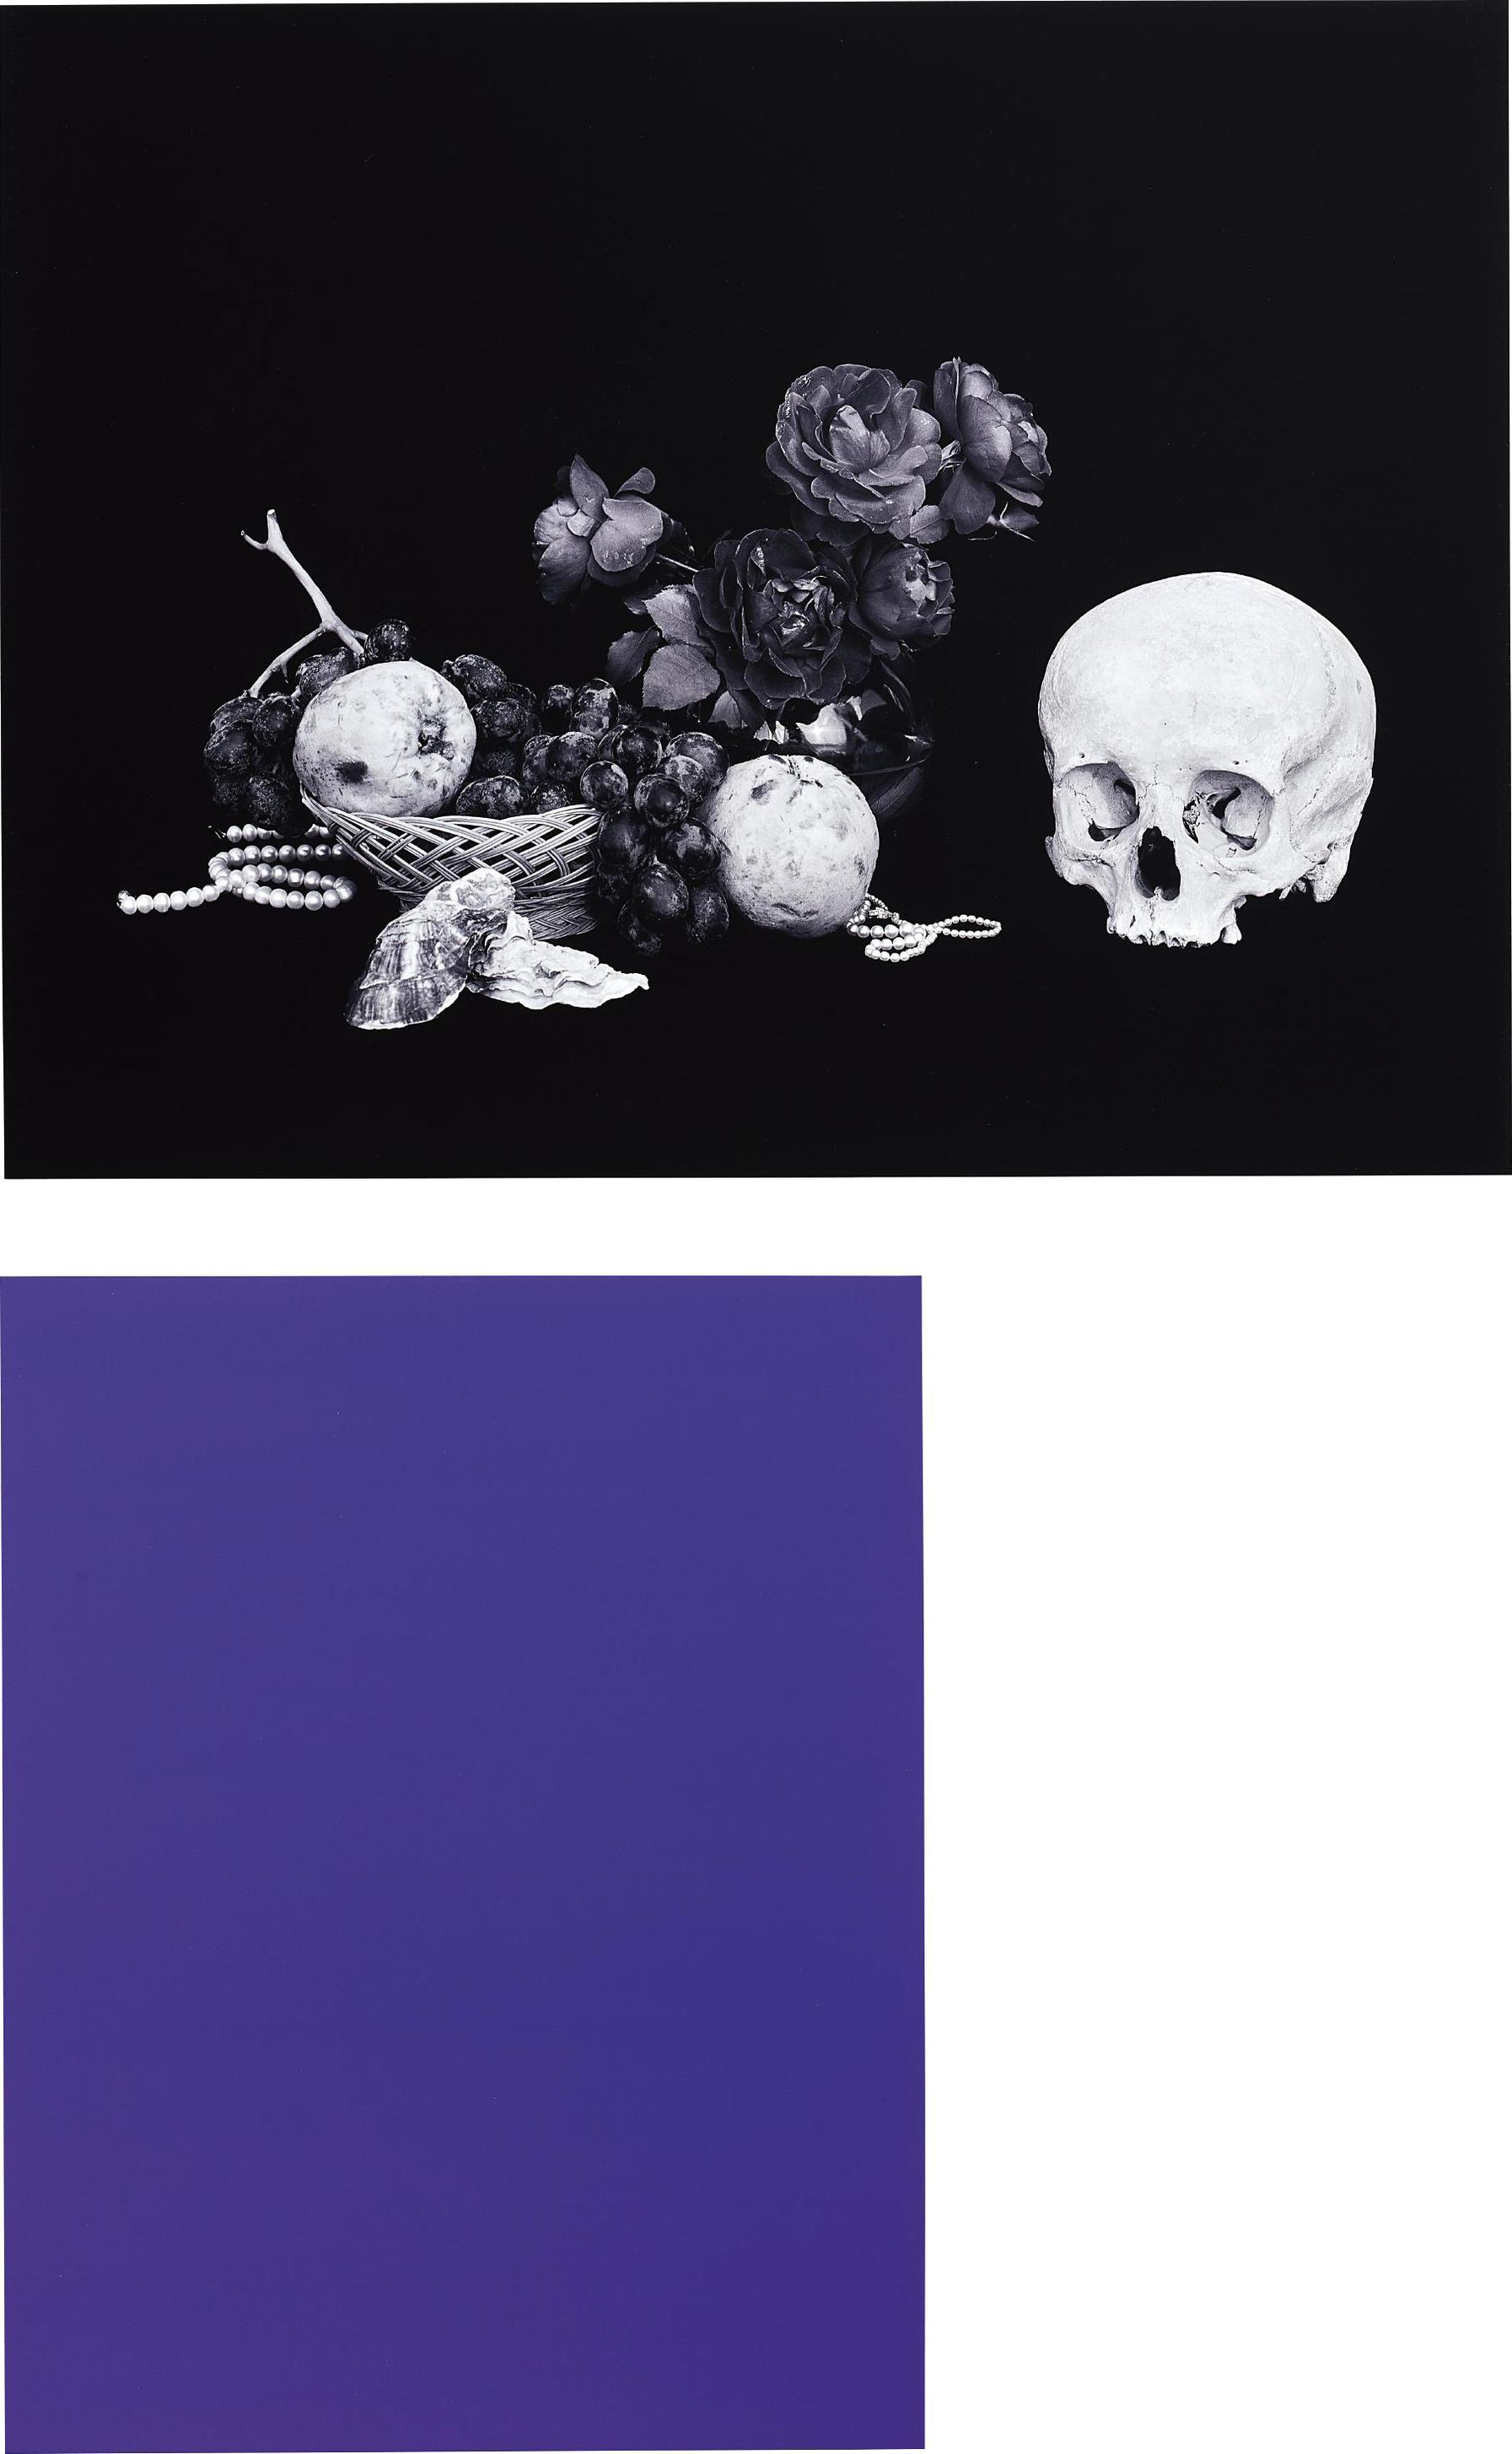 Shirana Shahbazi-Two Works: (I) [Monochrome-01-2007]; (II) [Stillleben-15-2007]-2007